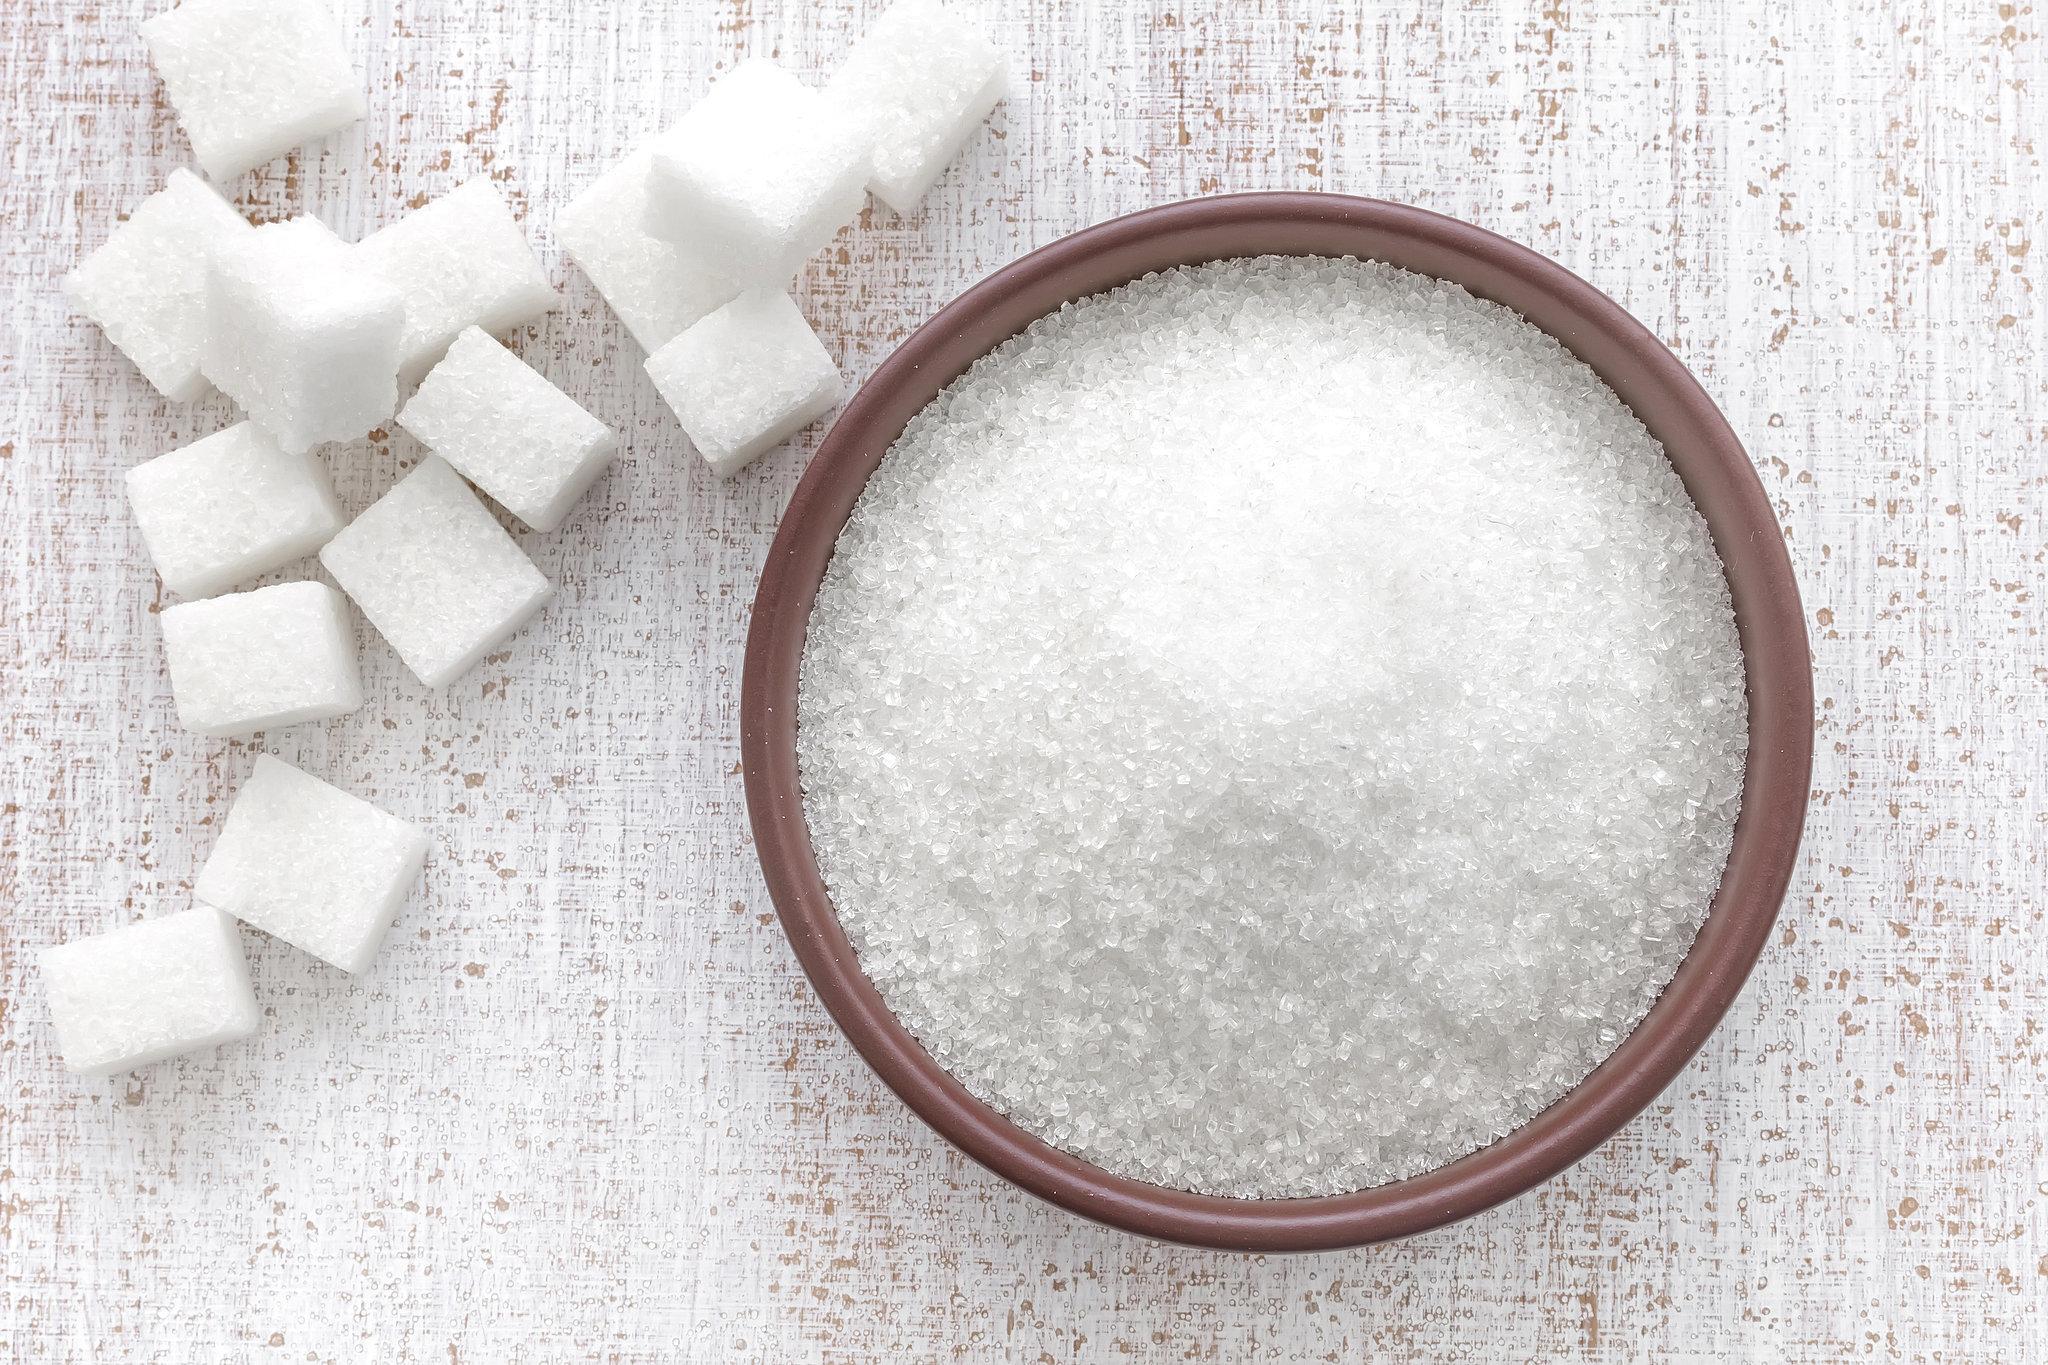 В Финляндии запатентовали пластиковую бутылку на основе сахара